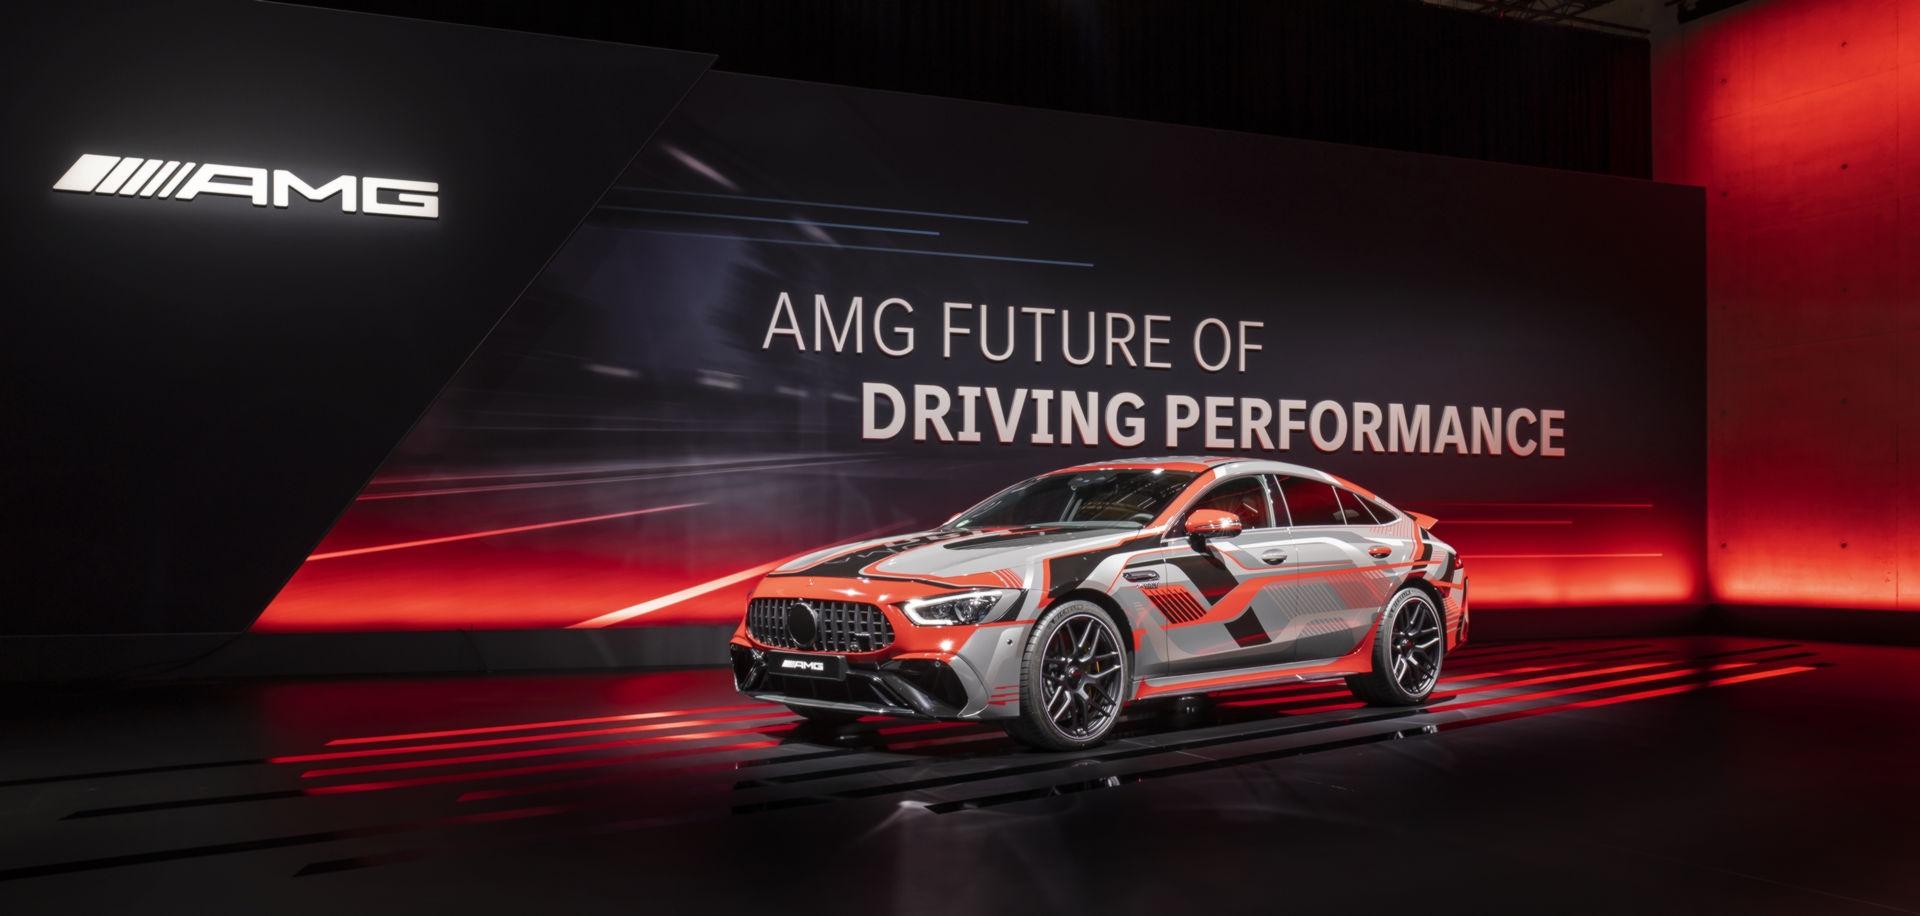 Mercedes-AMG veicolo elettrico ad alte prestazioni